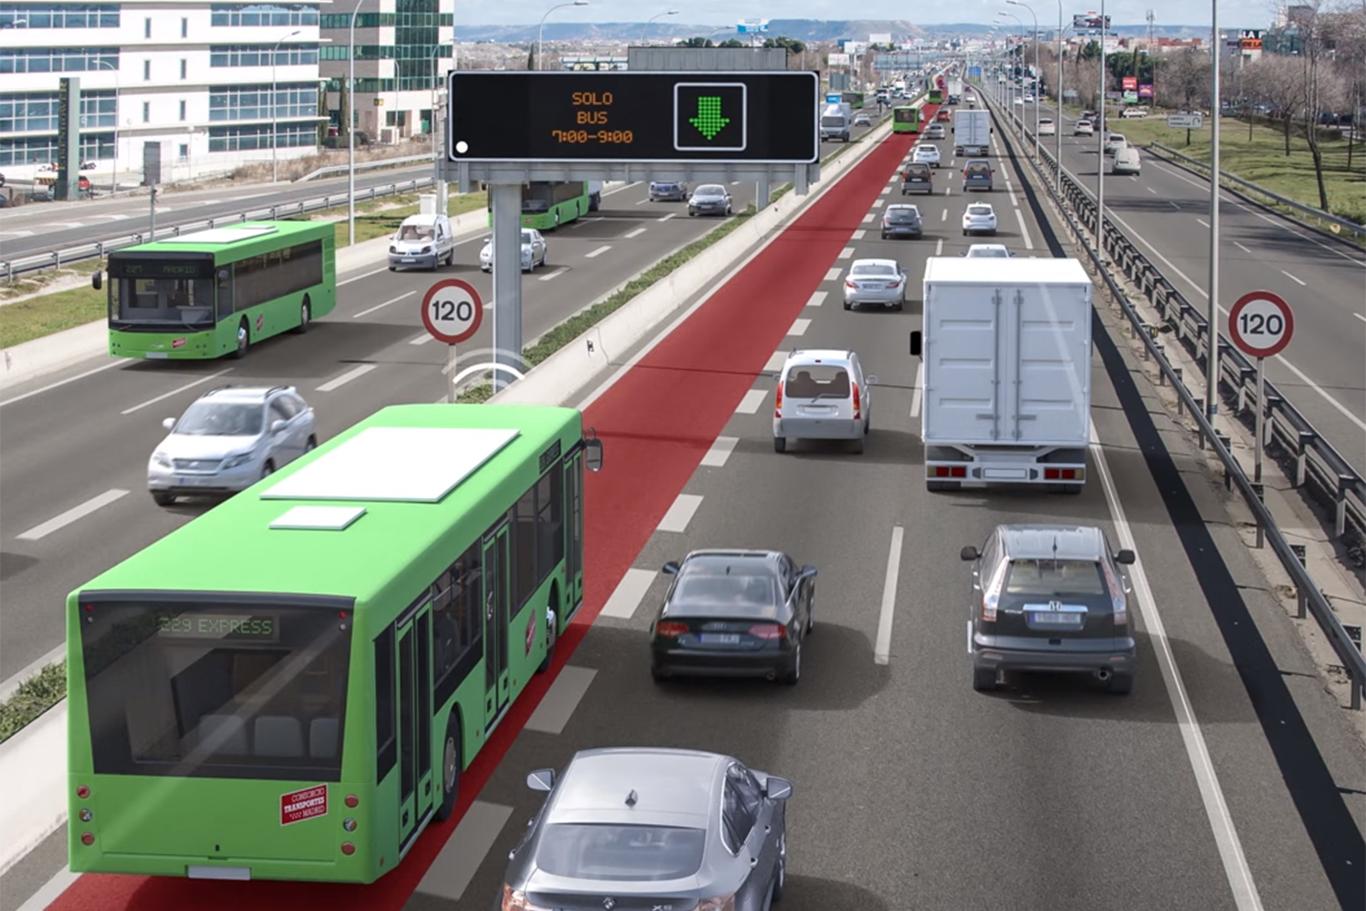 La Comunidad de Madrid y el Ayuntamiento de Torrejón de Ardoz exigen al Gobierno de Pedro Sánchez que desbloquee la construcción del carril Bus-VAO de la A2